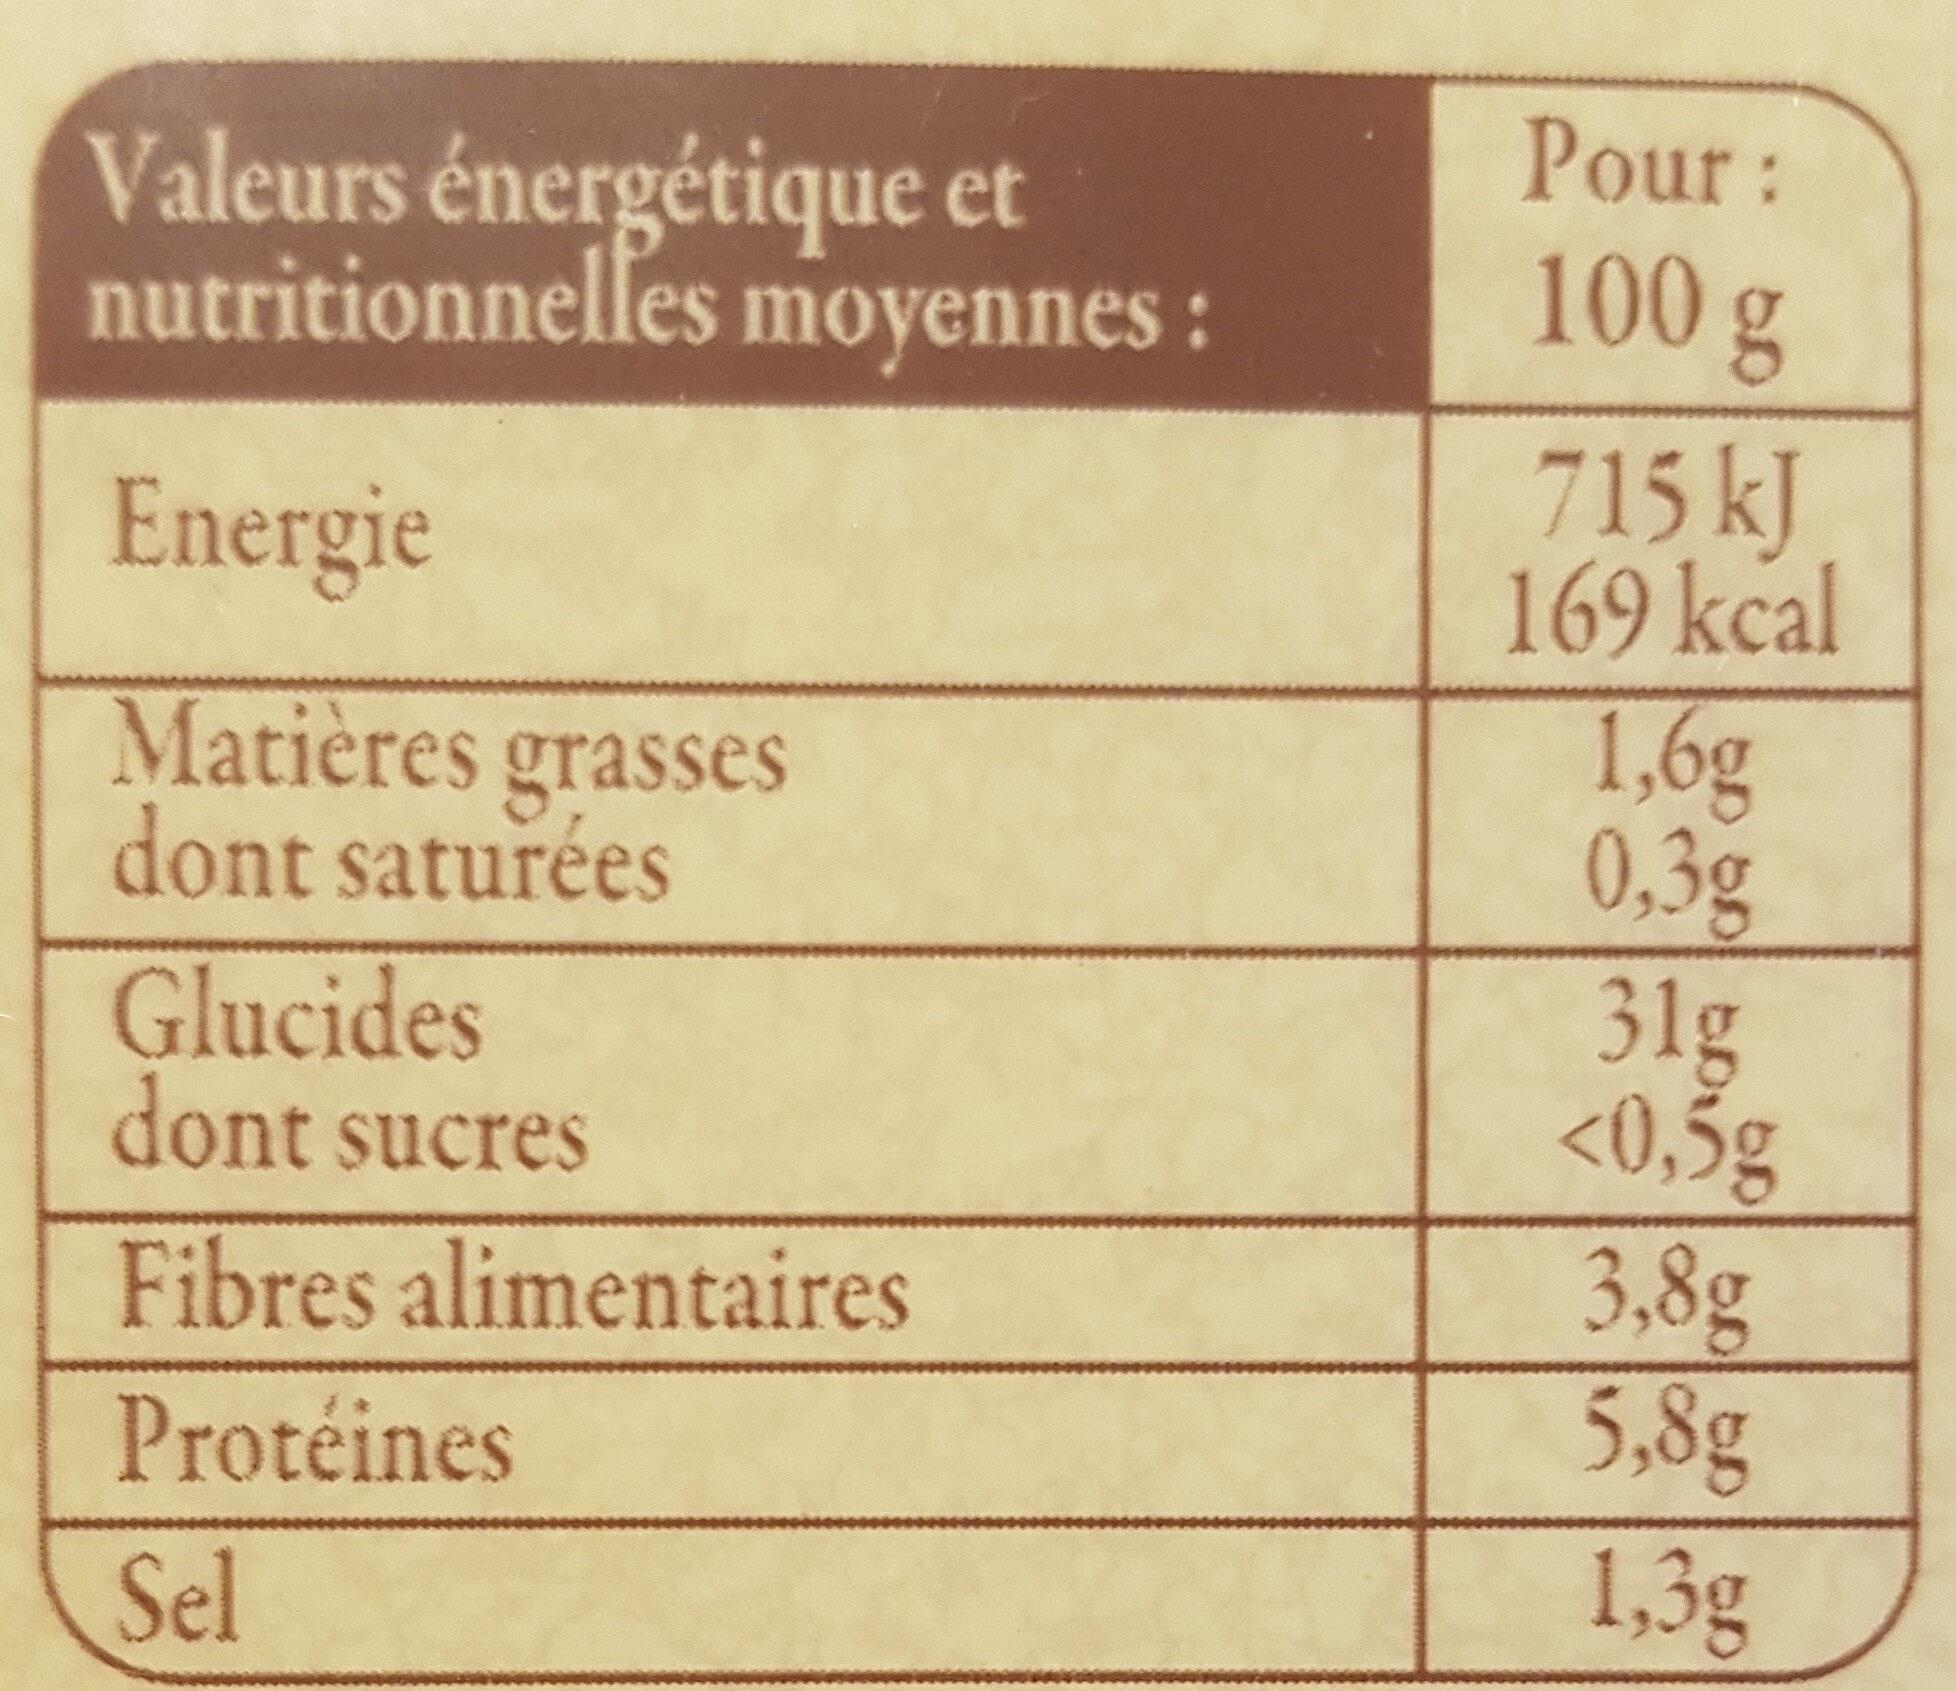 6 Galettes de sarrasin - Informations nutritionnelles